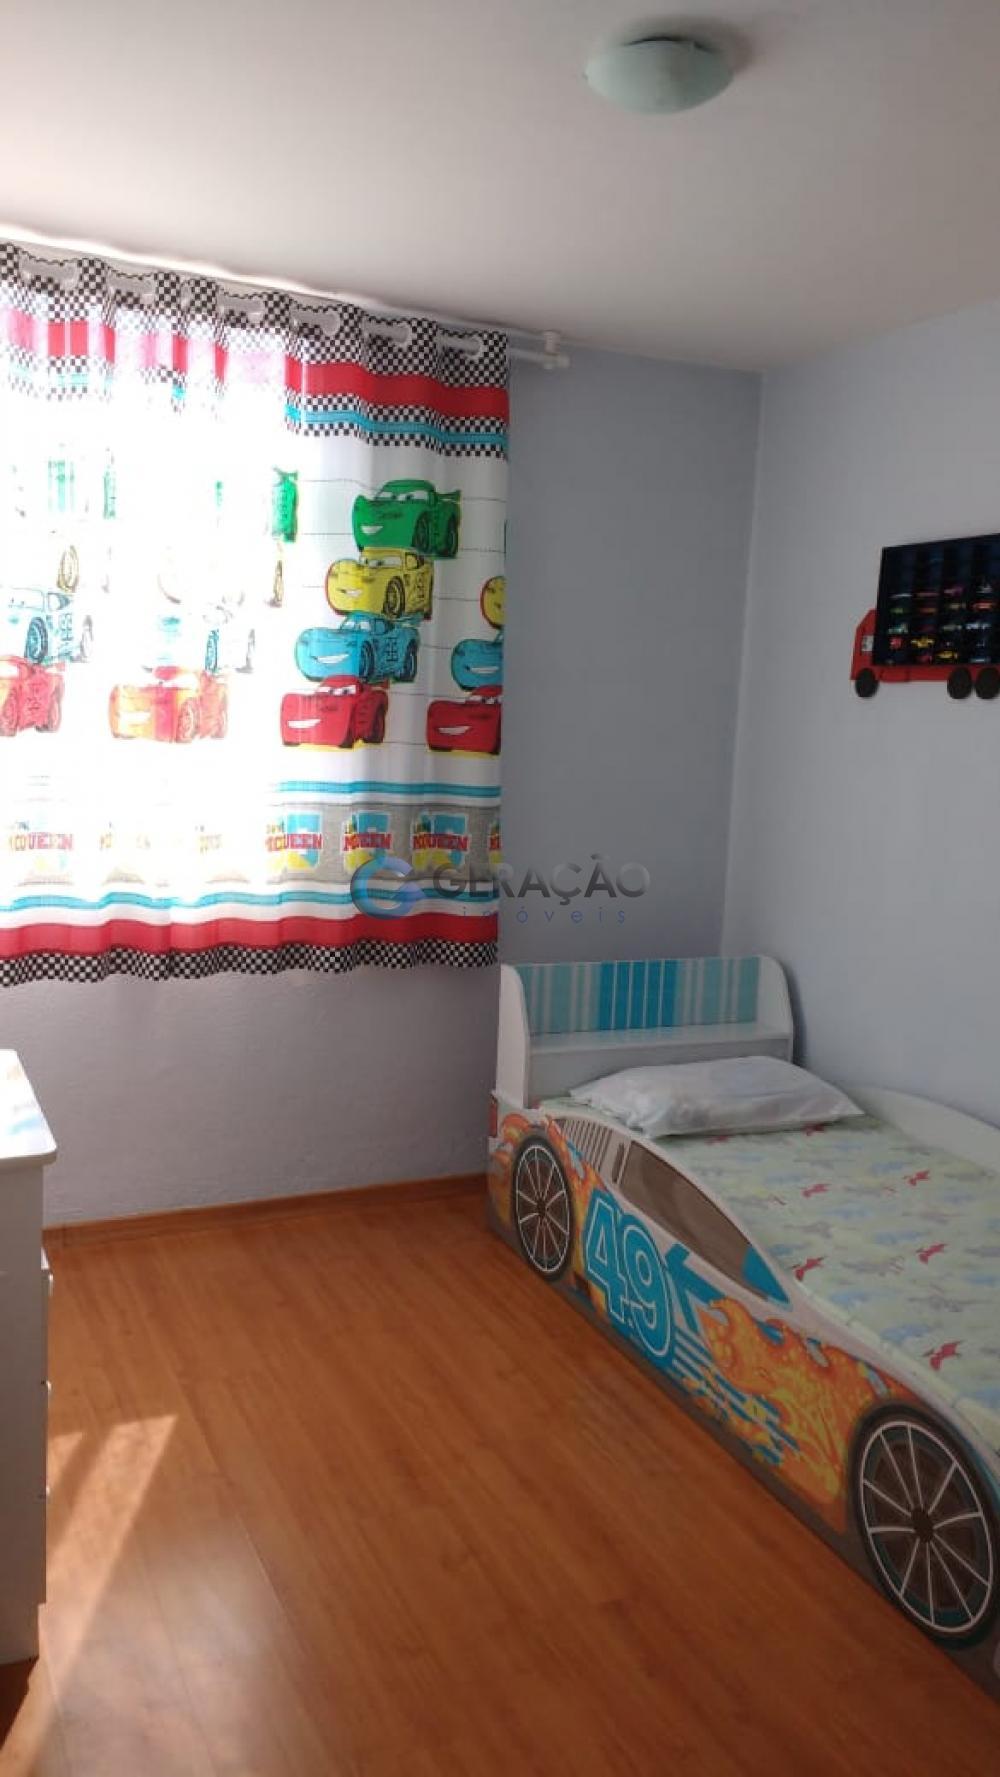 Comprar Apartamento / Padrão em São José dos Campos apenas R$ 220.000,00 - Foto 8